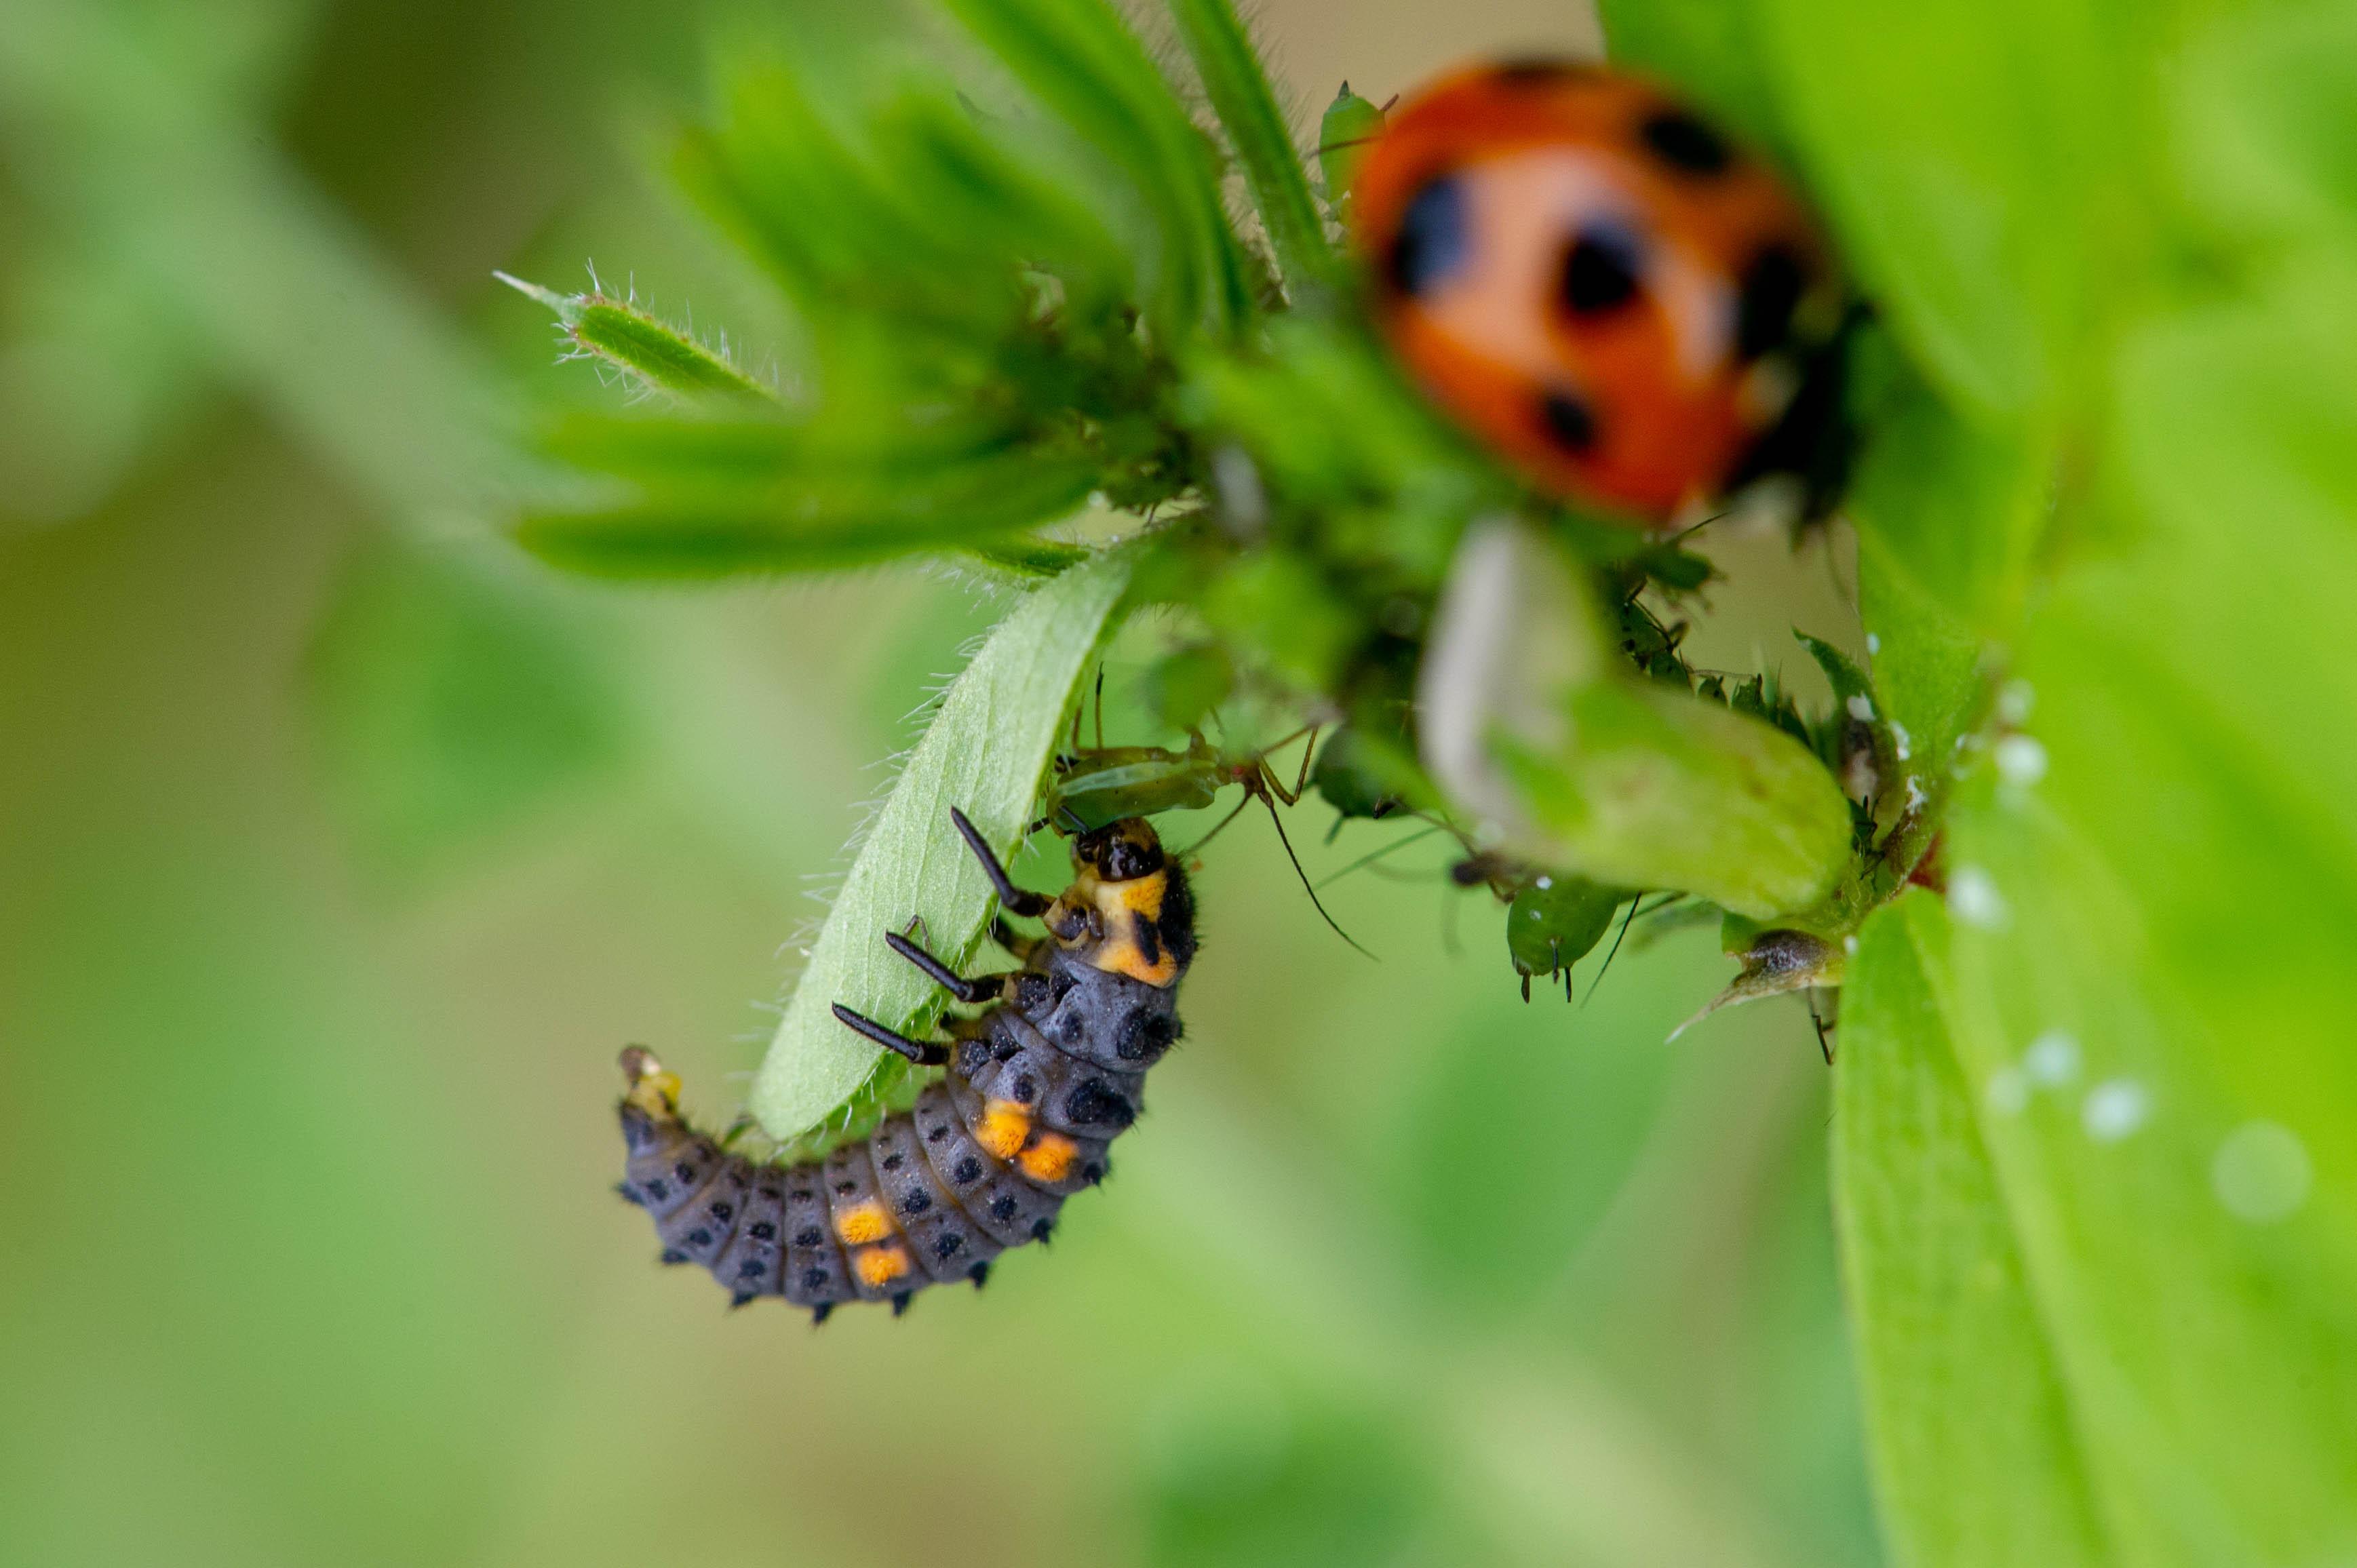 てんとう 虫 寿命 てんとう虫の平均寿命は? - 用品